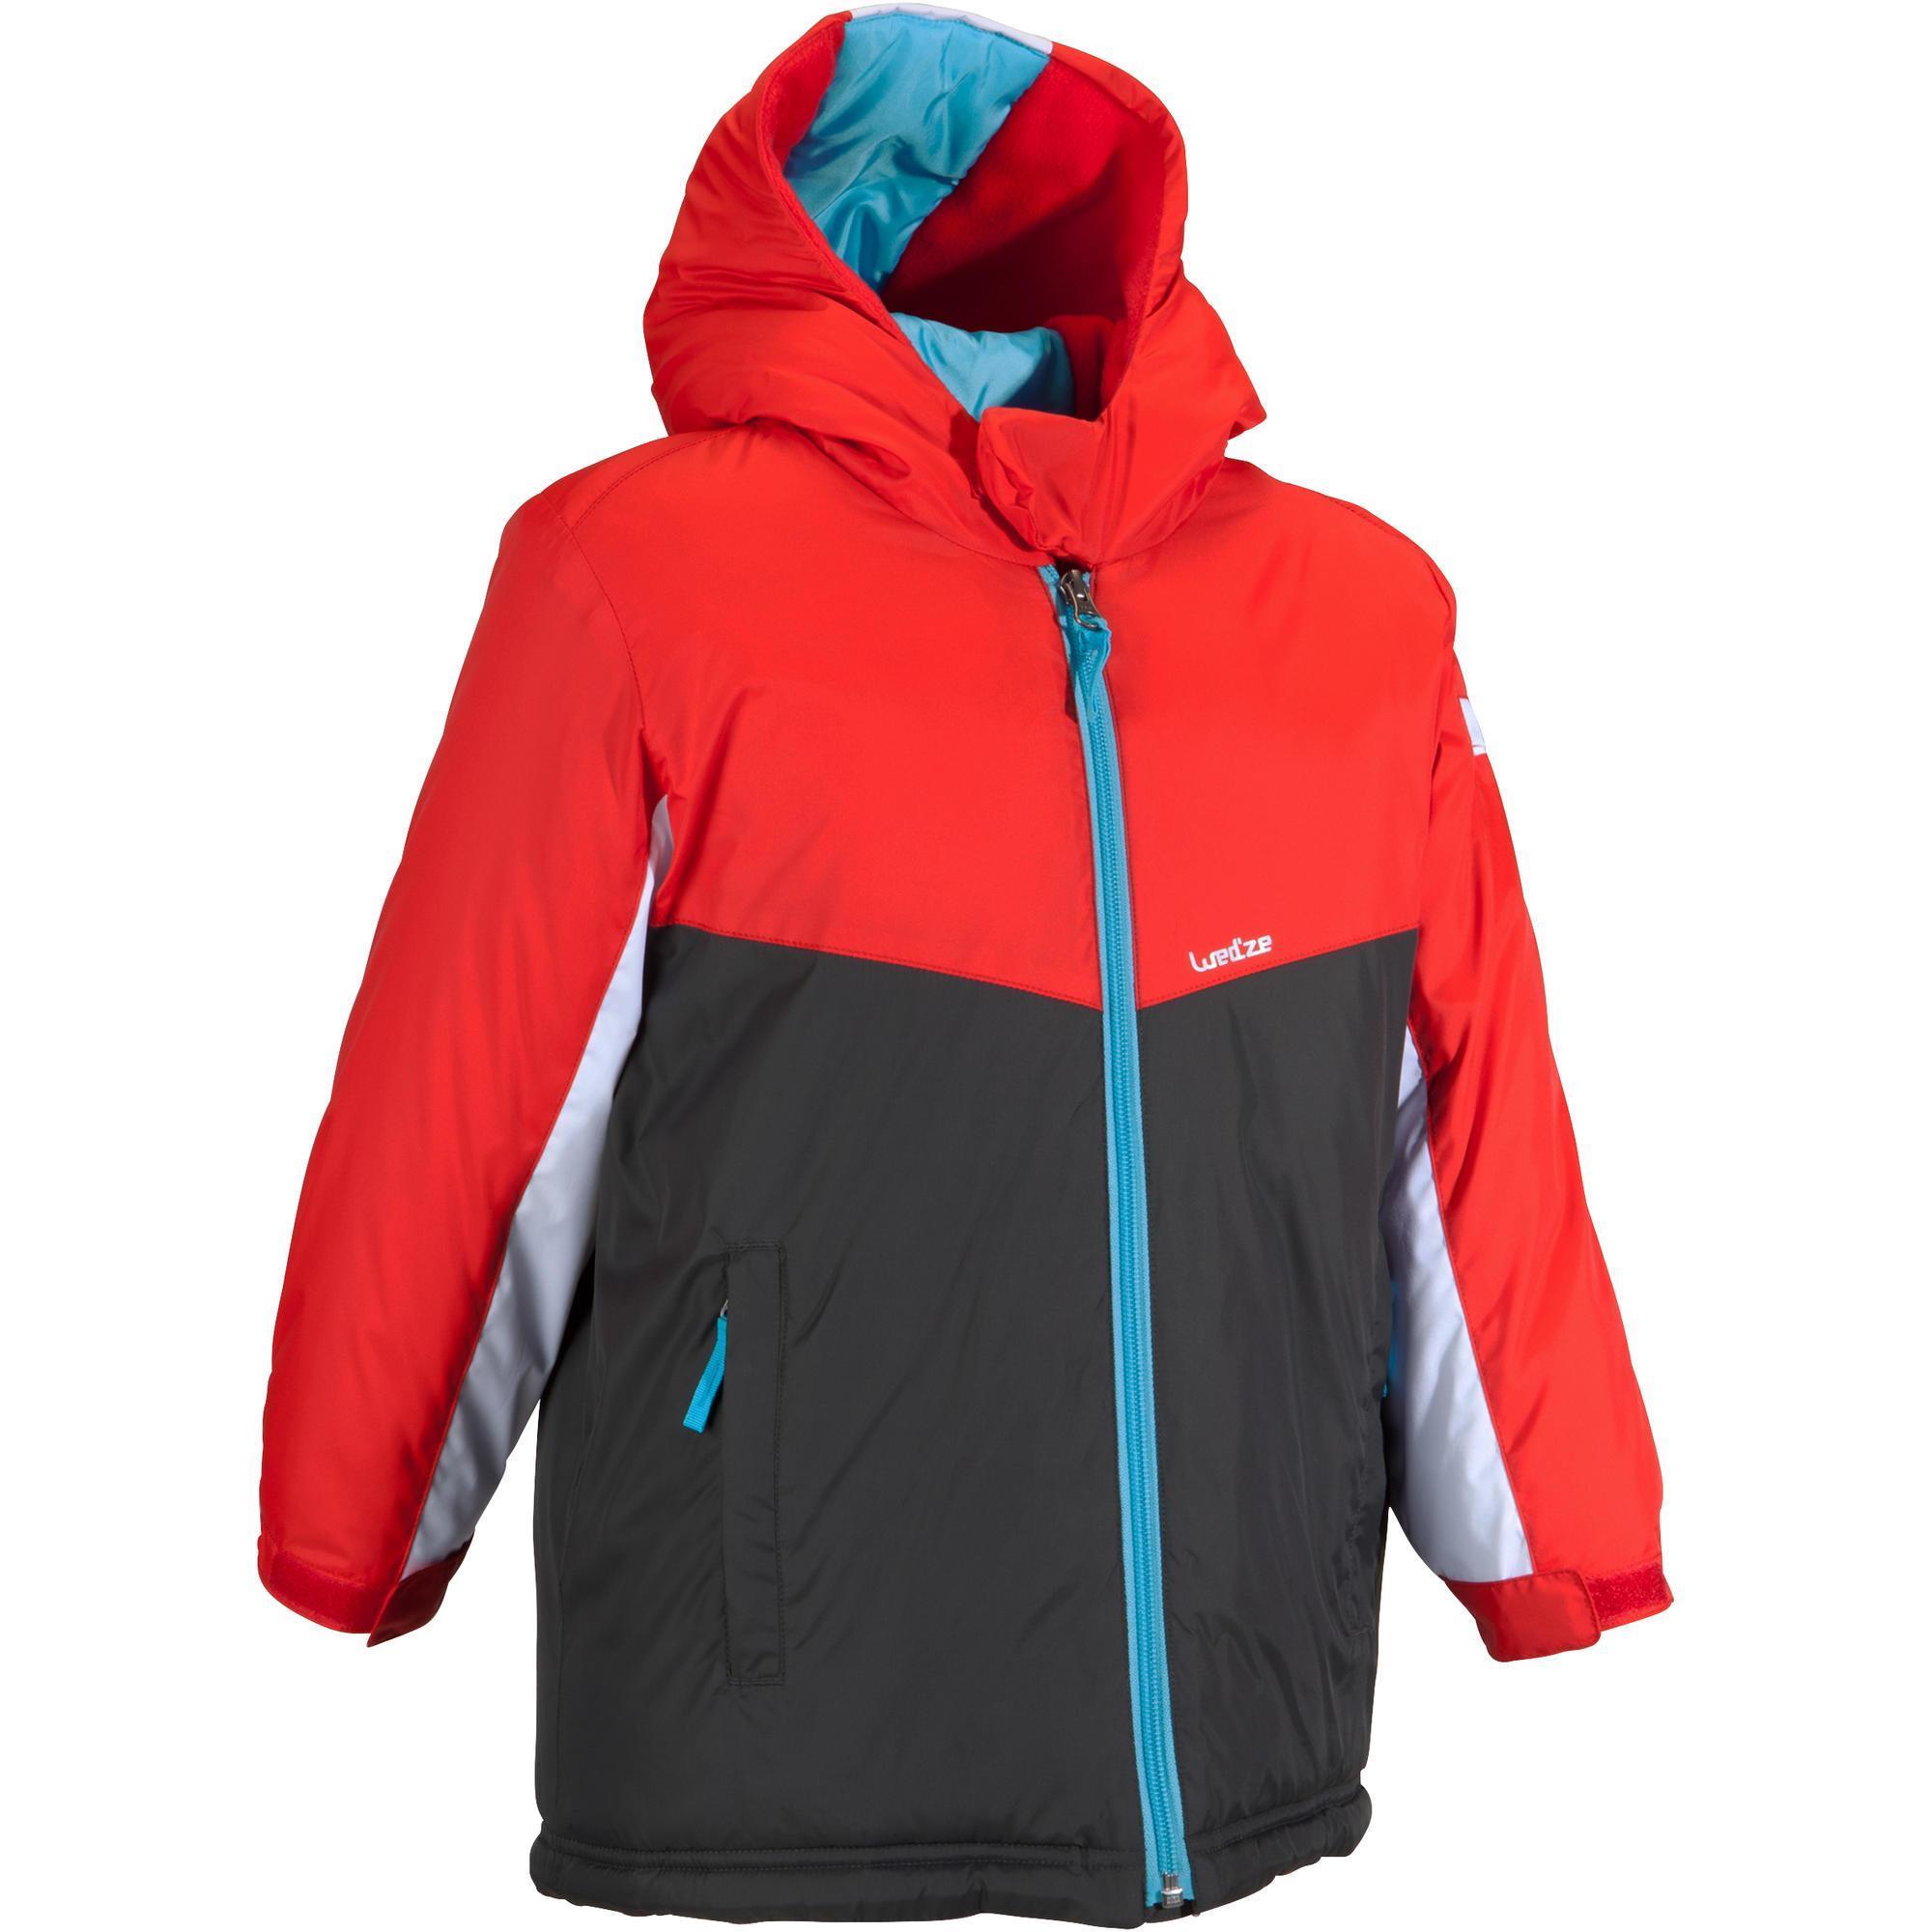 d56b09c8c Comprar Ropa Esquí para niños online | Decathlon